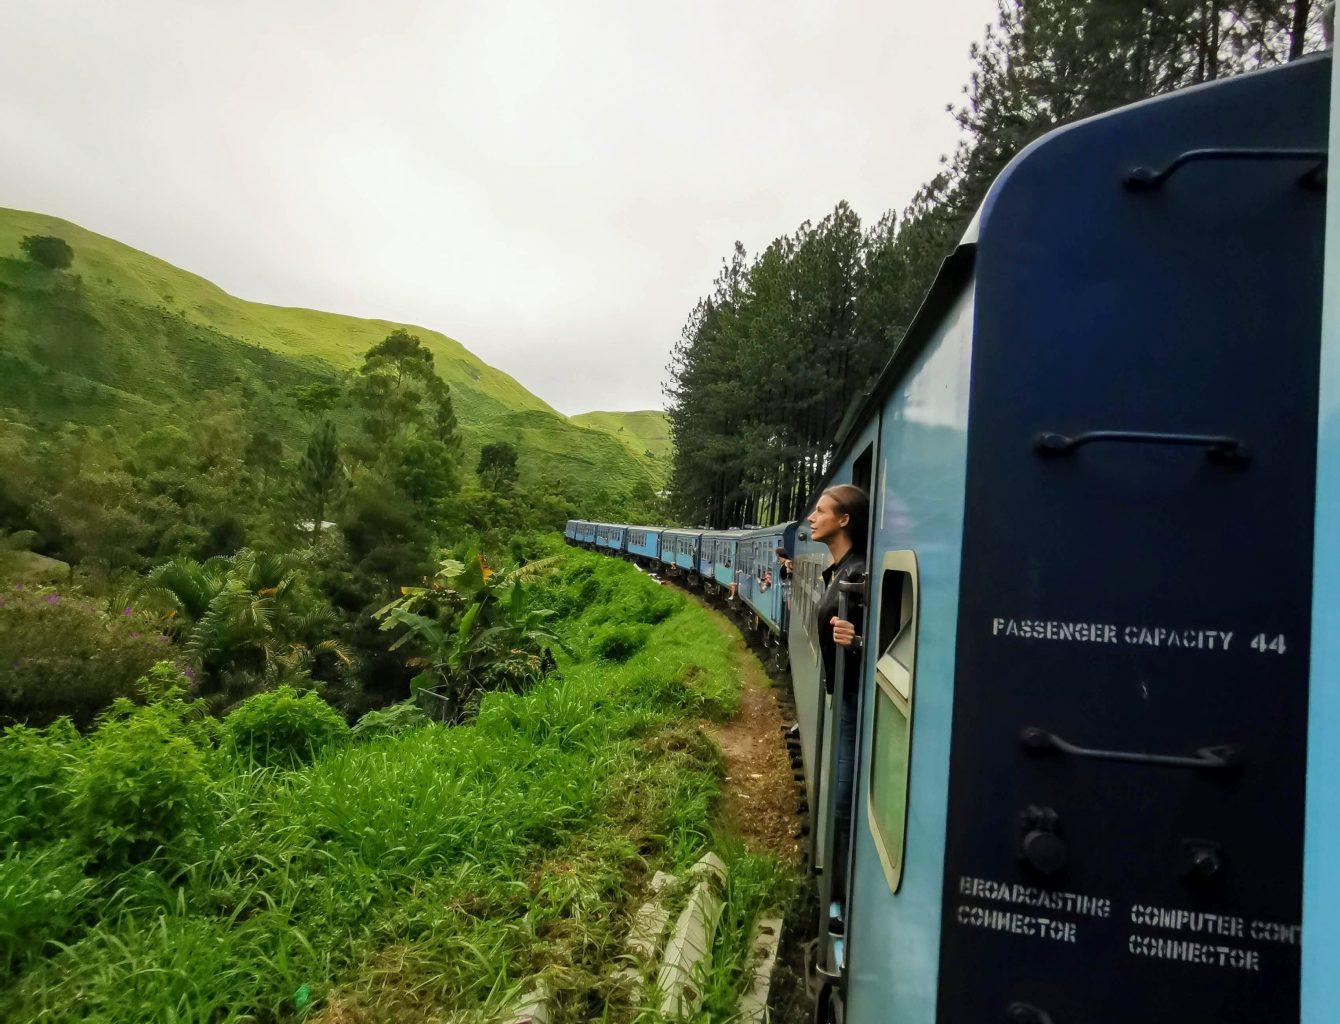 vilciens šrilankā, train srilanka, поезд шриланка